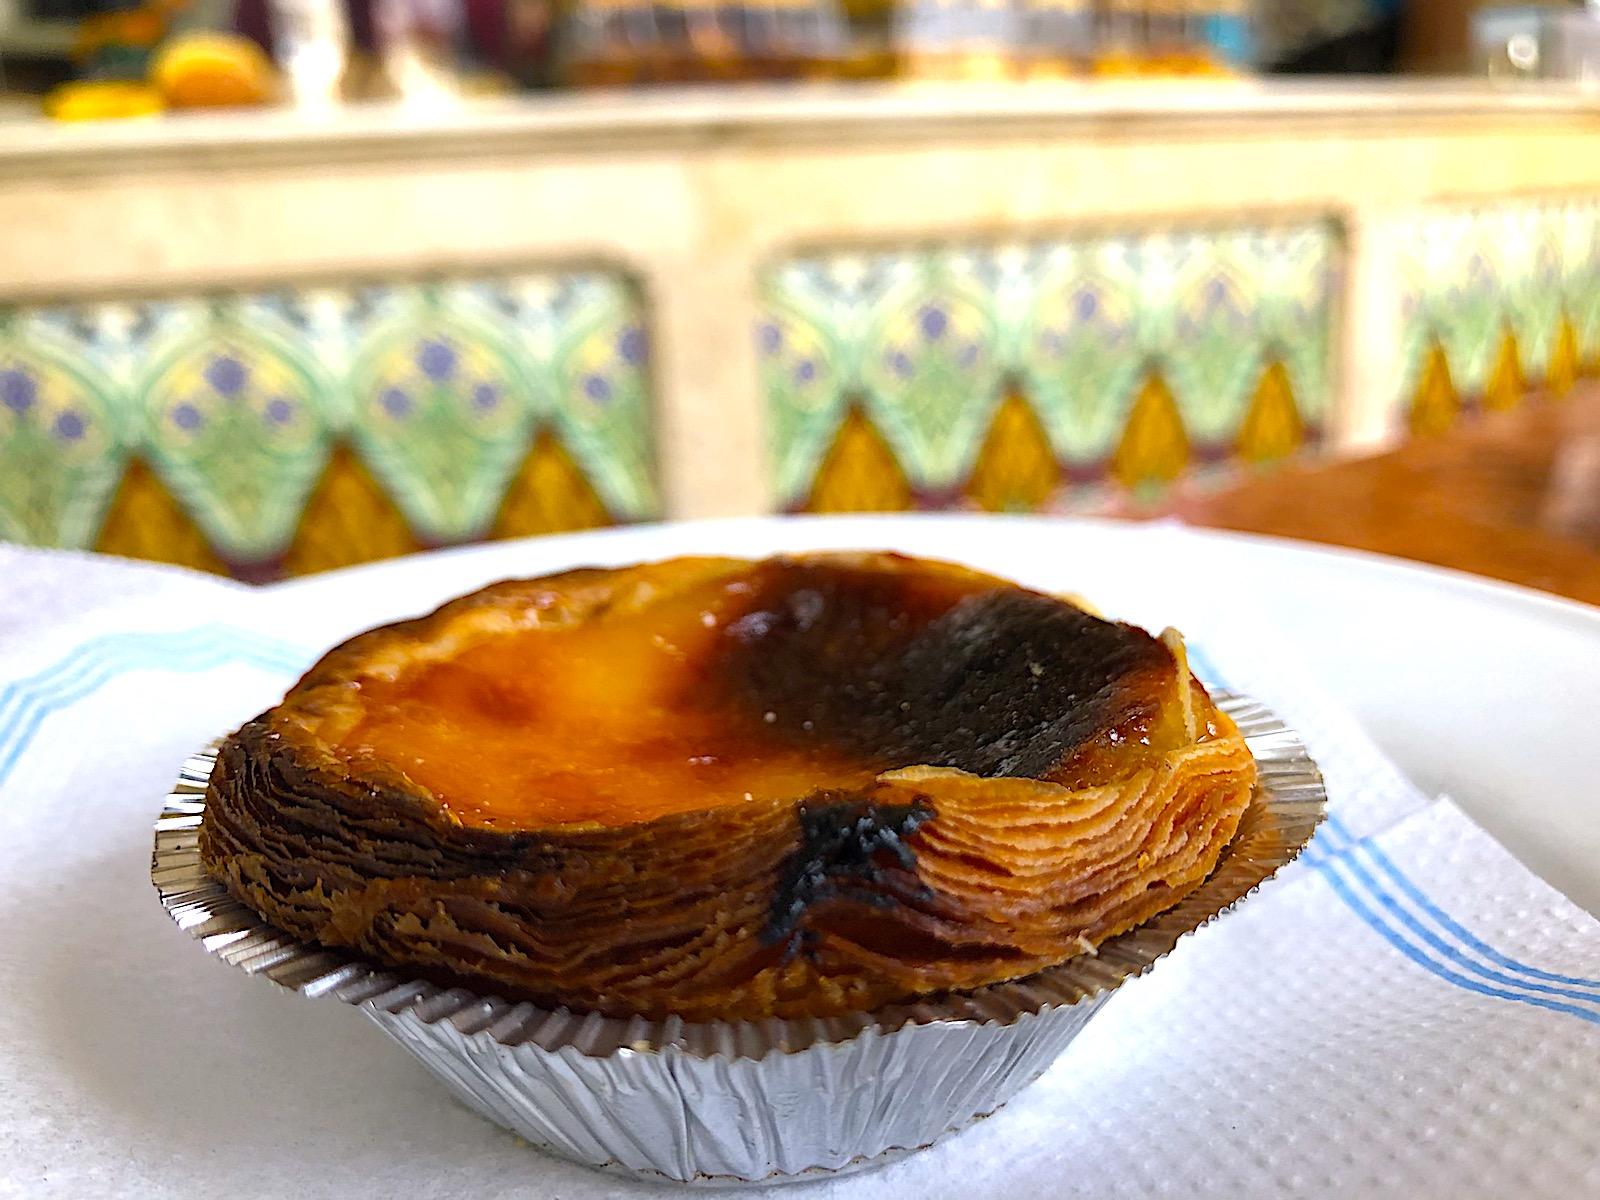 Pastelaria–Padaria São Roque pastel de nata